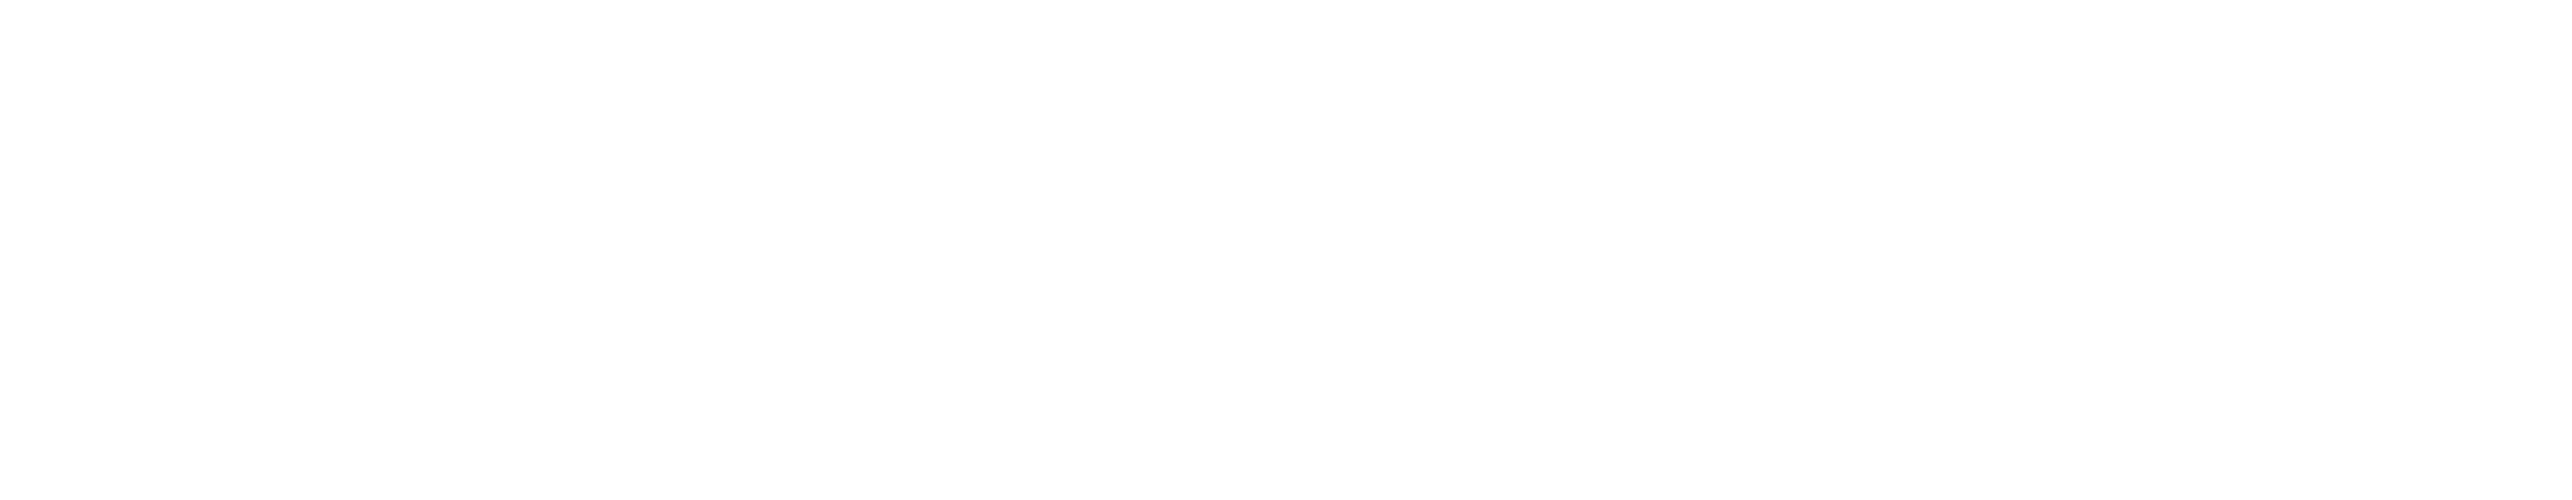 のんのんわぁ〜るど